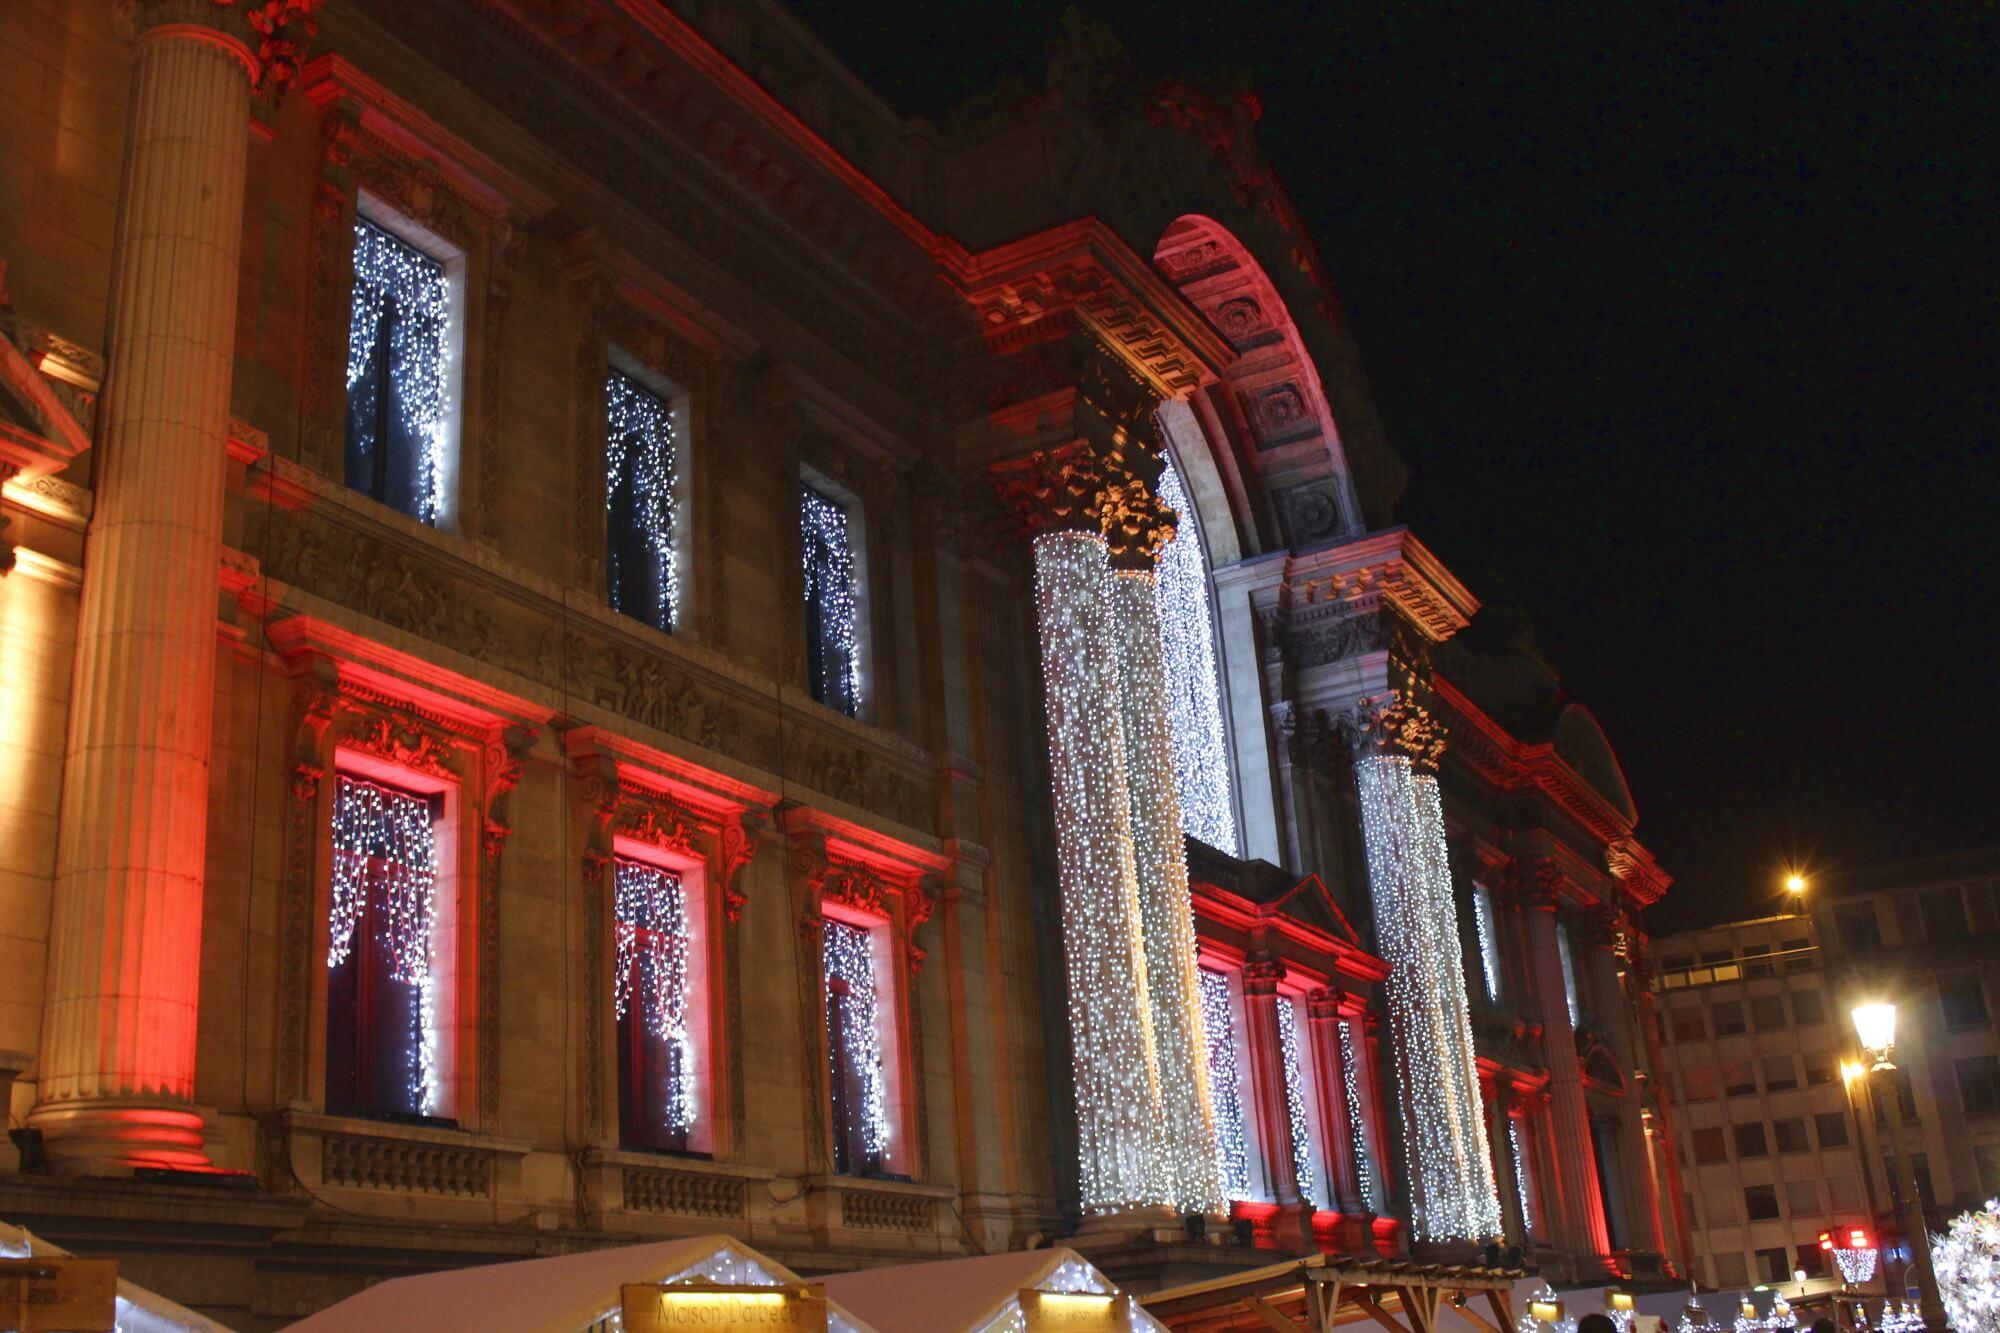 Weihnachtsbeleuchtung in Brüssel